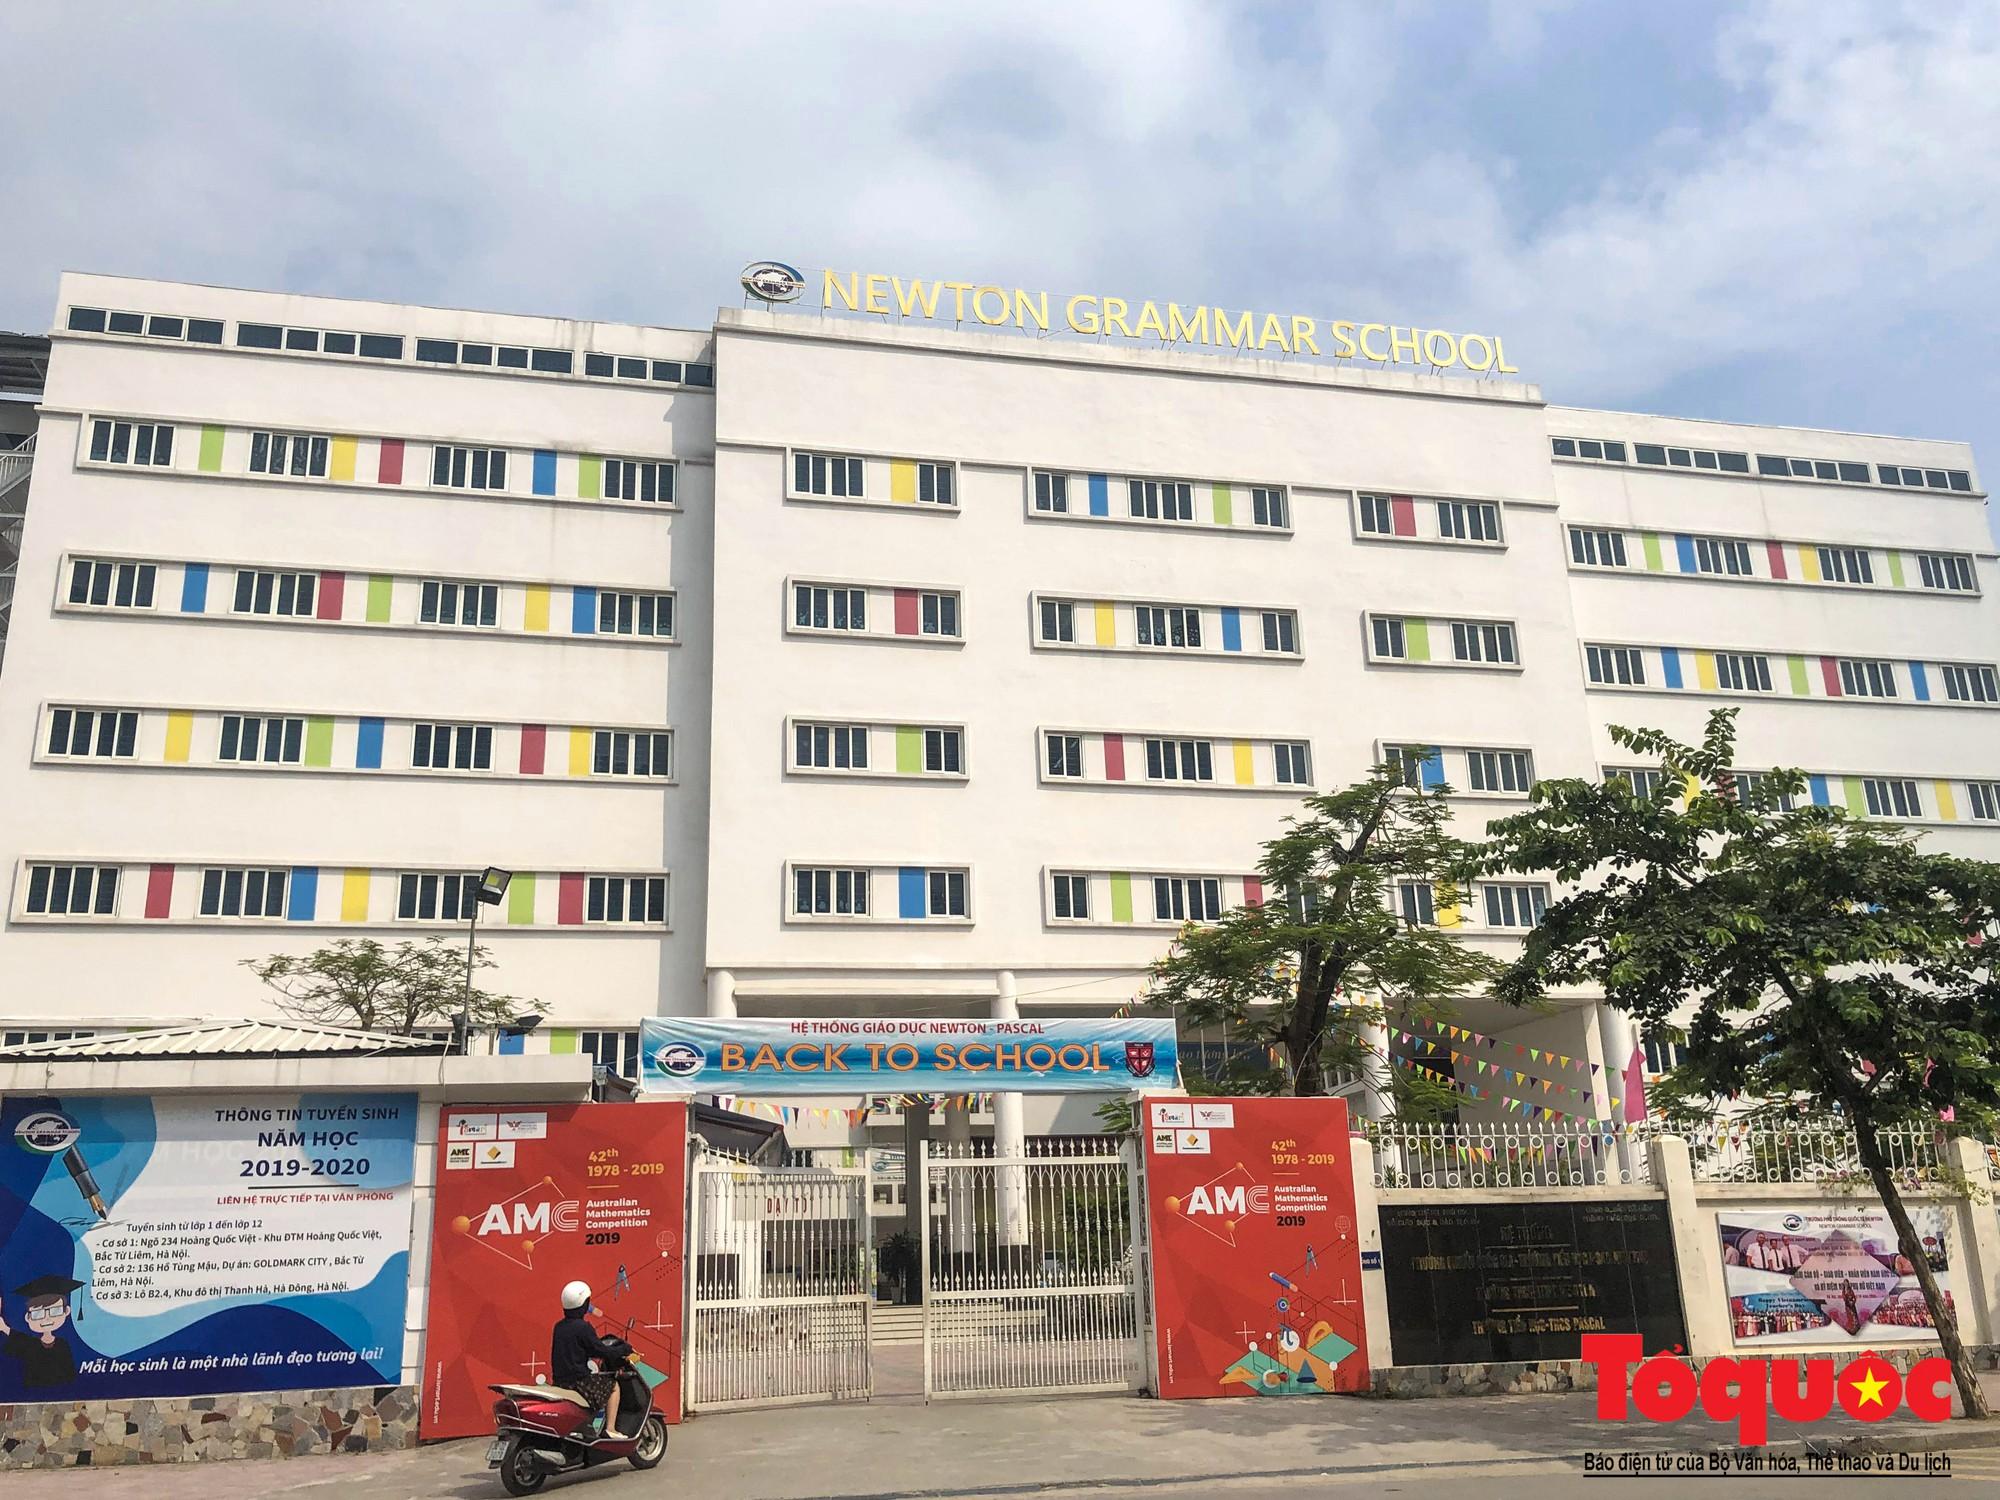 Loạn danh xưng trường quốc tế trên địa bàn quận Cầu Giấy (19)